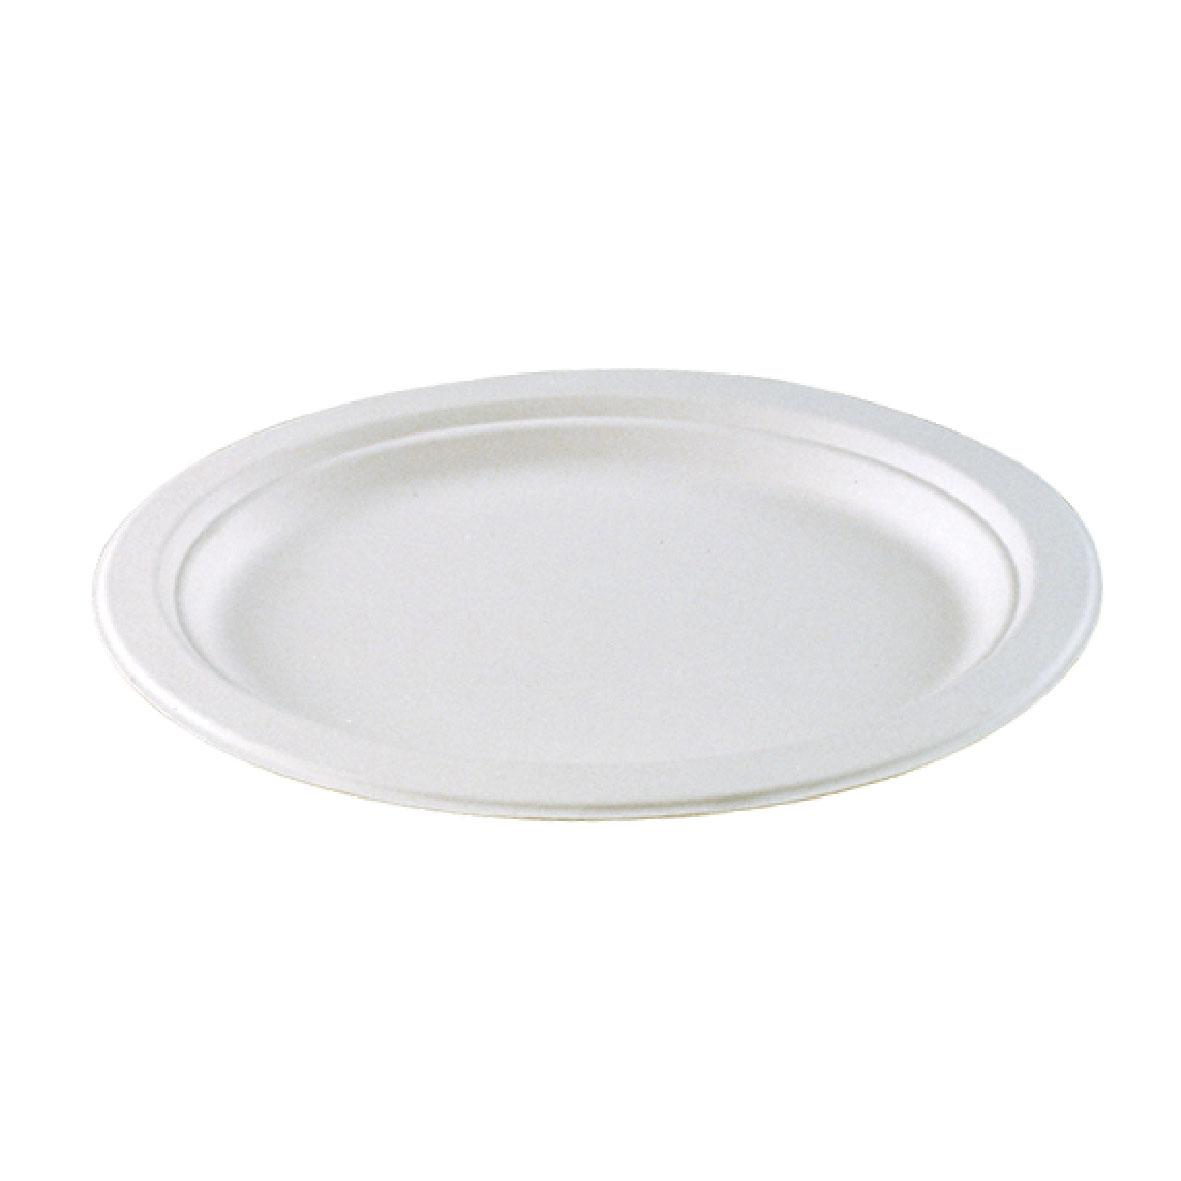 Набор овальных блюд Gracs, биоразлагаемых, цвет: белый, 31,5 х 21,5 см, 10 штP030Набор Gracs состоит из 10 овальных блюд, выполненных из экологически чистого материала - сахарного тростника. Материал не содержит токсинов и канцерогенов. Набор Gracs можно использовать как для холодных, так и для горячих продуктов. Набор можно использовать в микроволновой печи. Одноразовая биоразлагаемая посуда Gracs- полезно для здоровья, безопасно для окружающей среды! Размер блюда: 31,5 см x 21,5 см x 2 см.